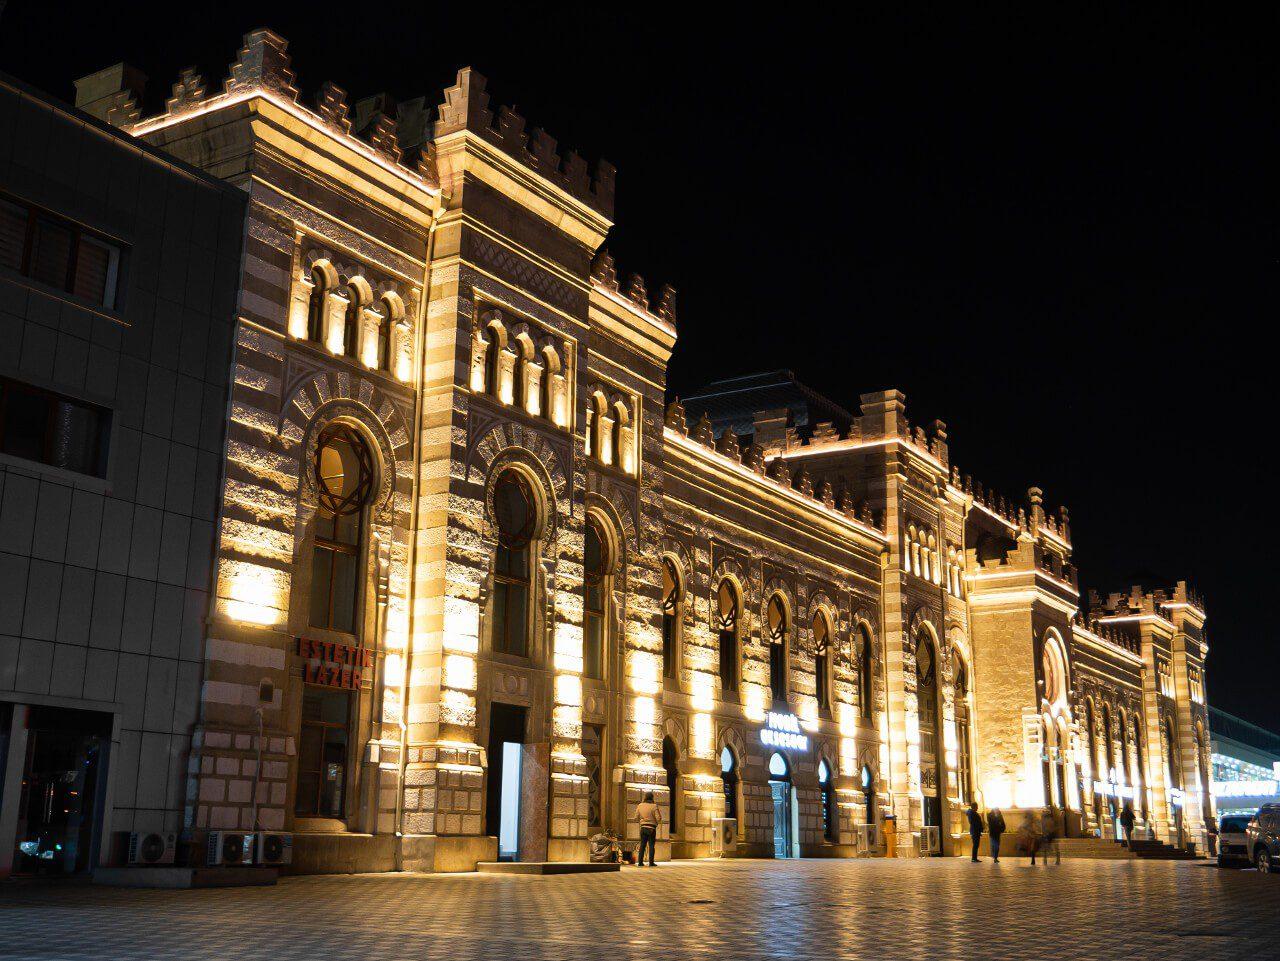 Dworzec kolejowy Baku